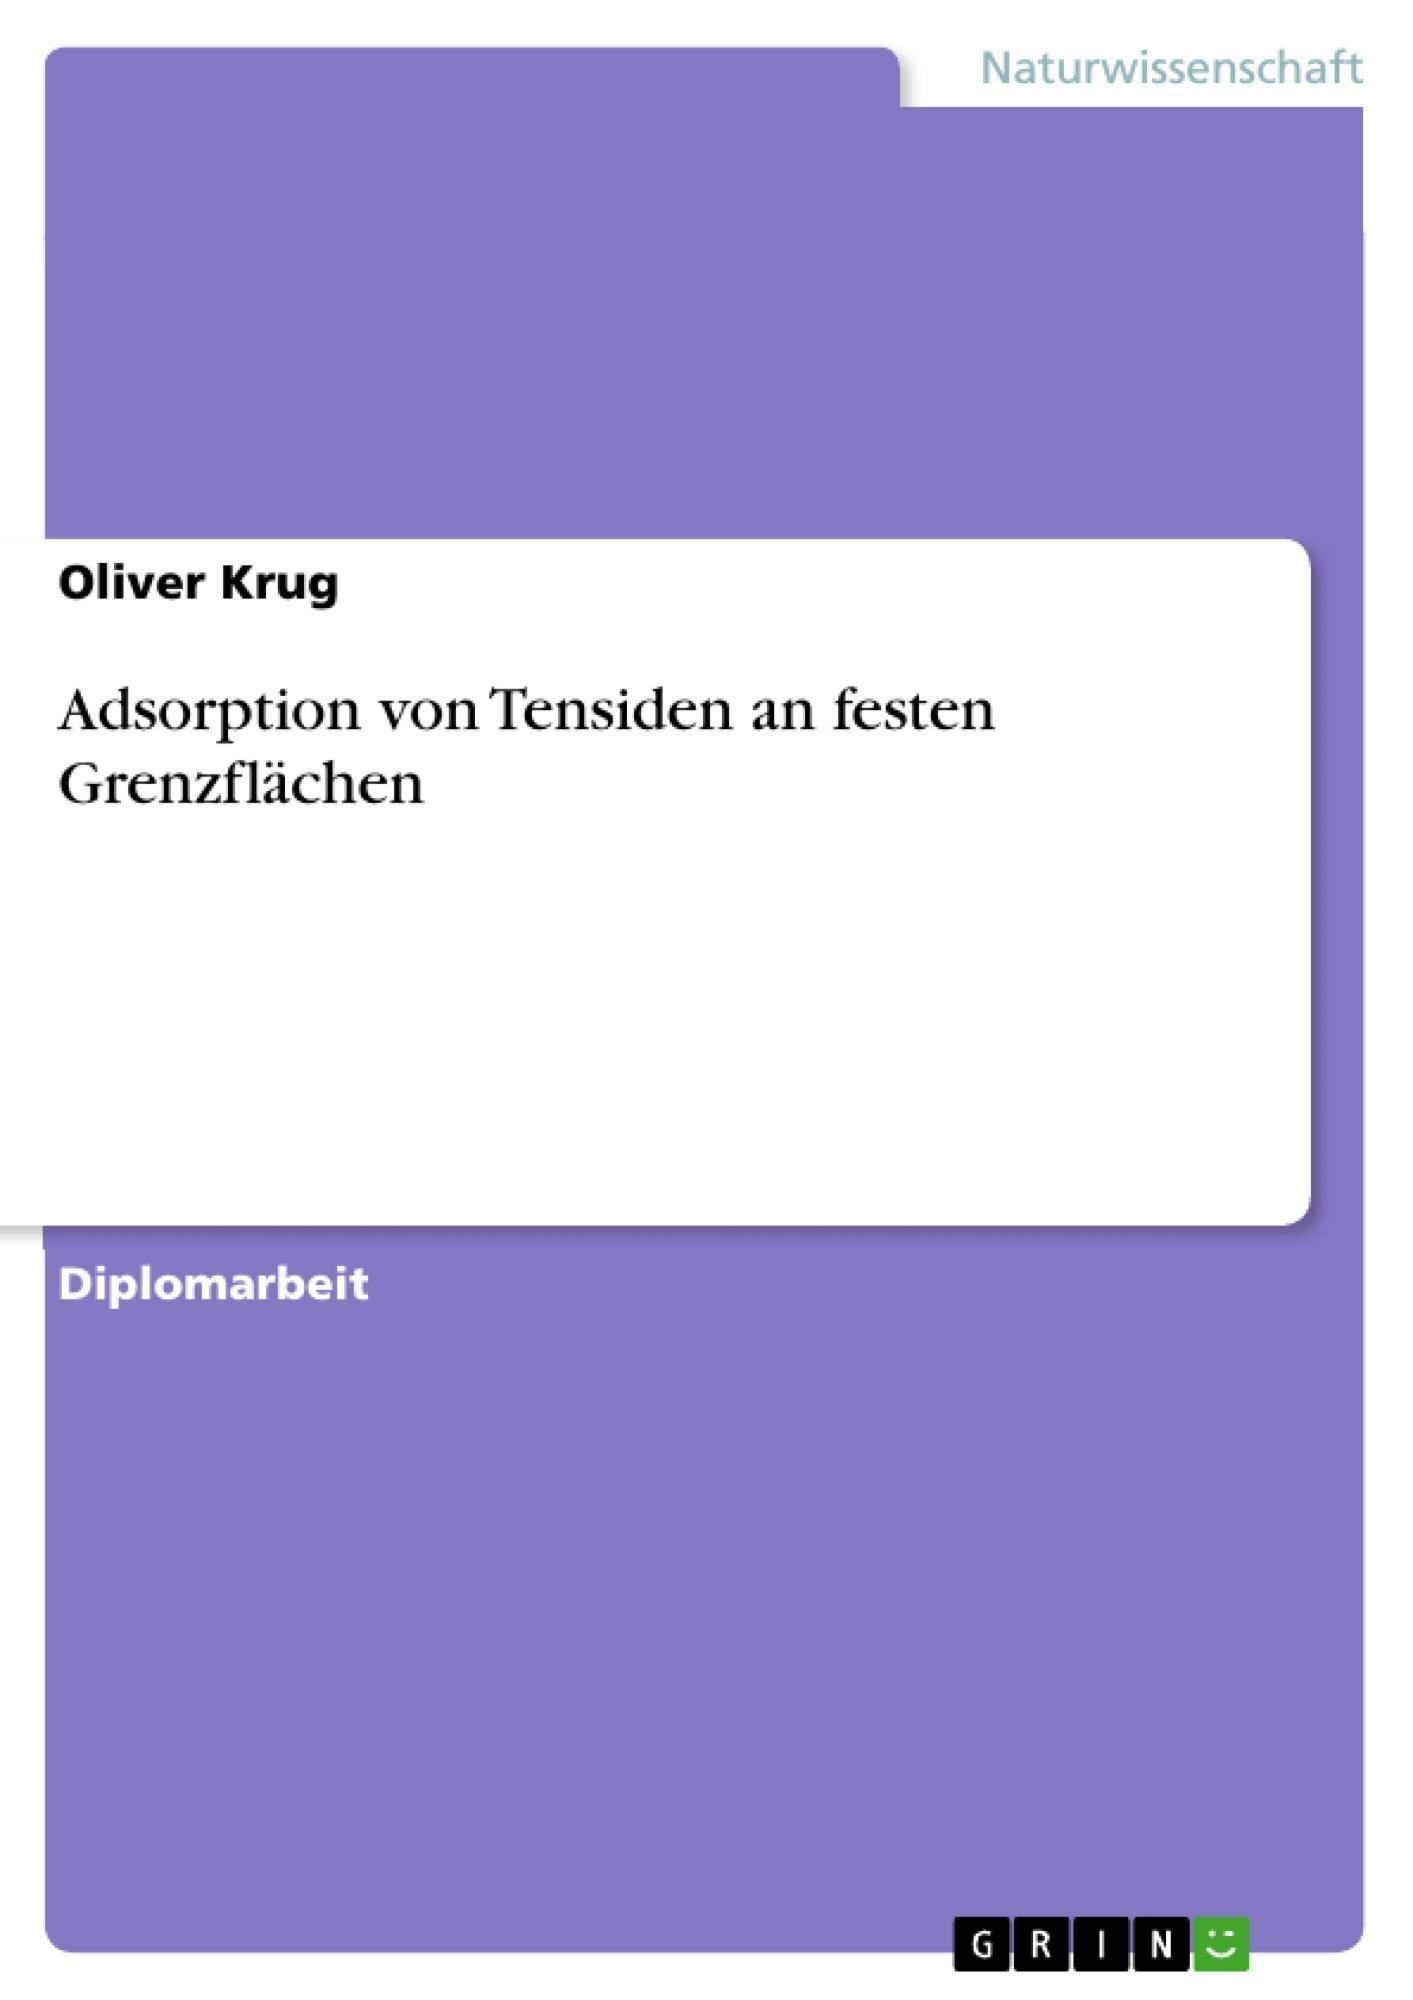 Titel: Adsorption von Tensiden an festen Grenzflächen